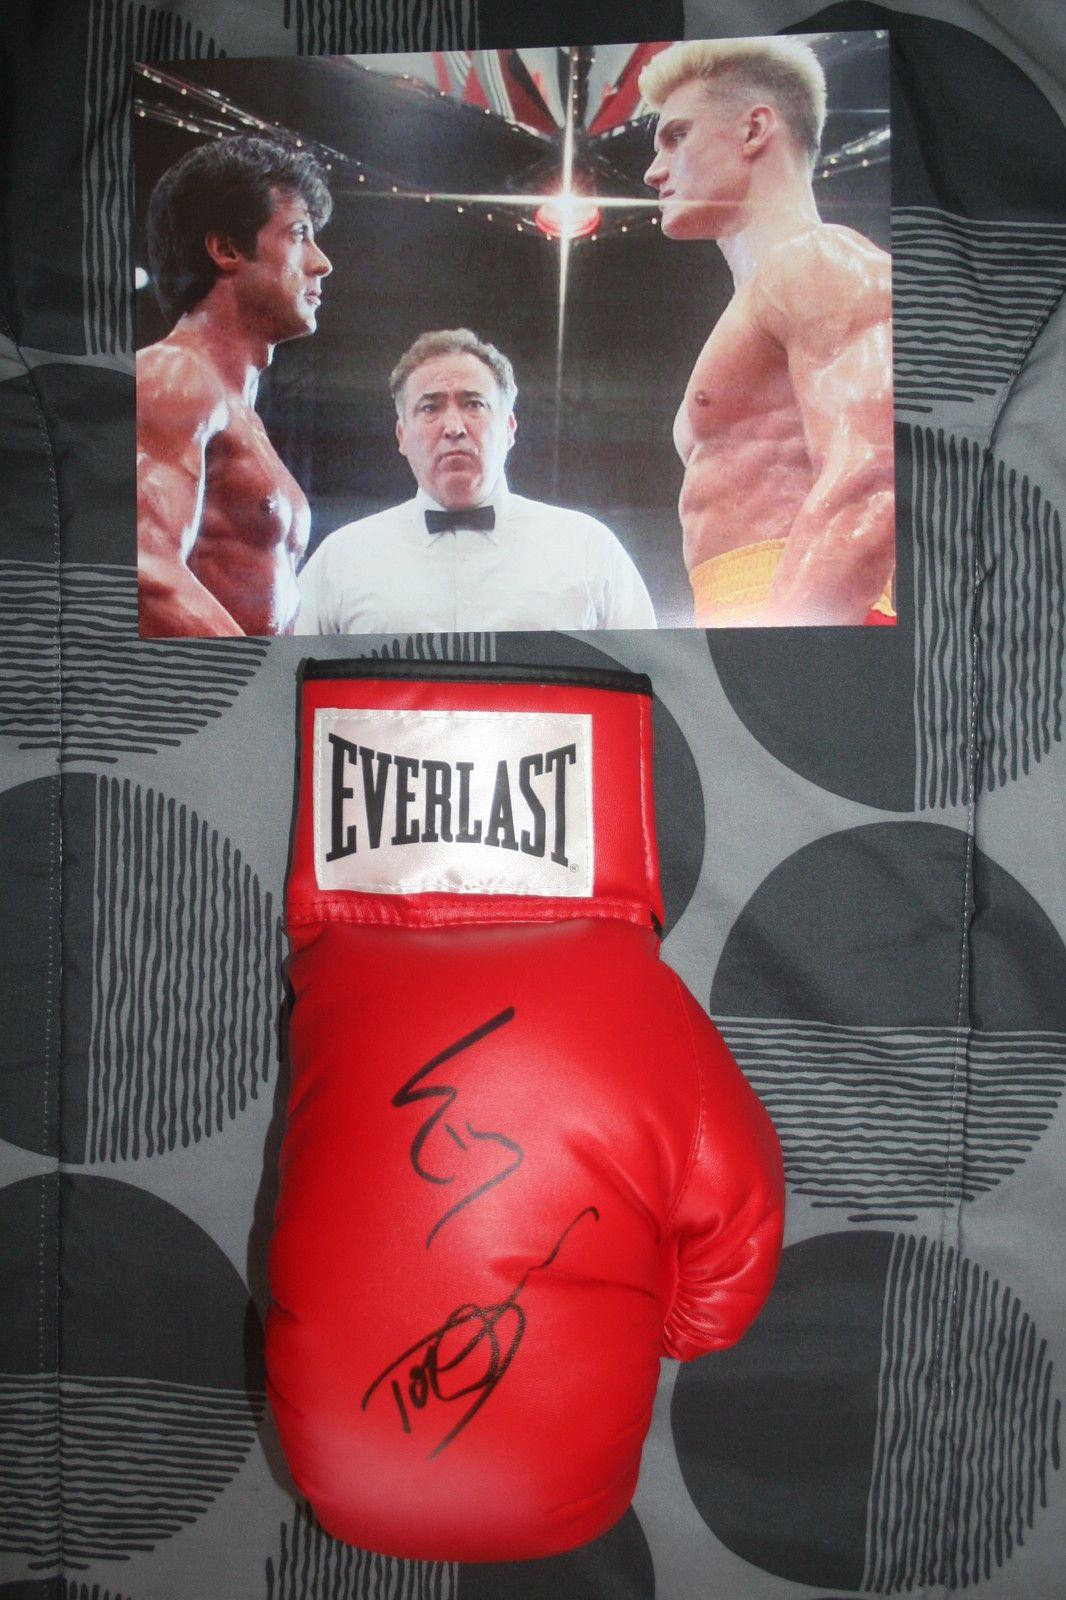 Male gloves ebay - Sylvester Stallone Dolph Lundgren Signed Everlast Boxing Glove Dc Coa Rockey Iv Ebay